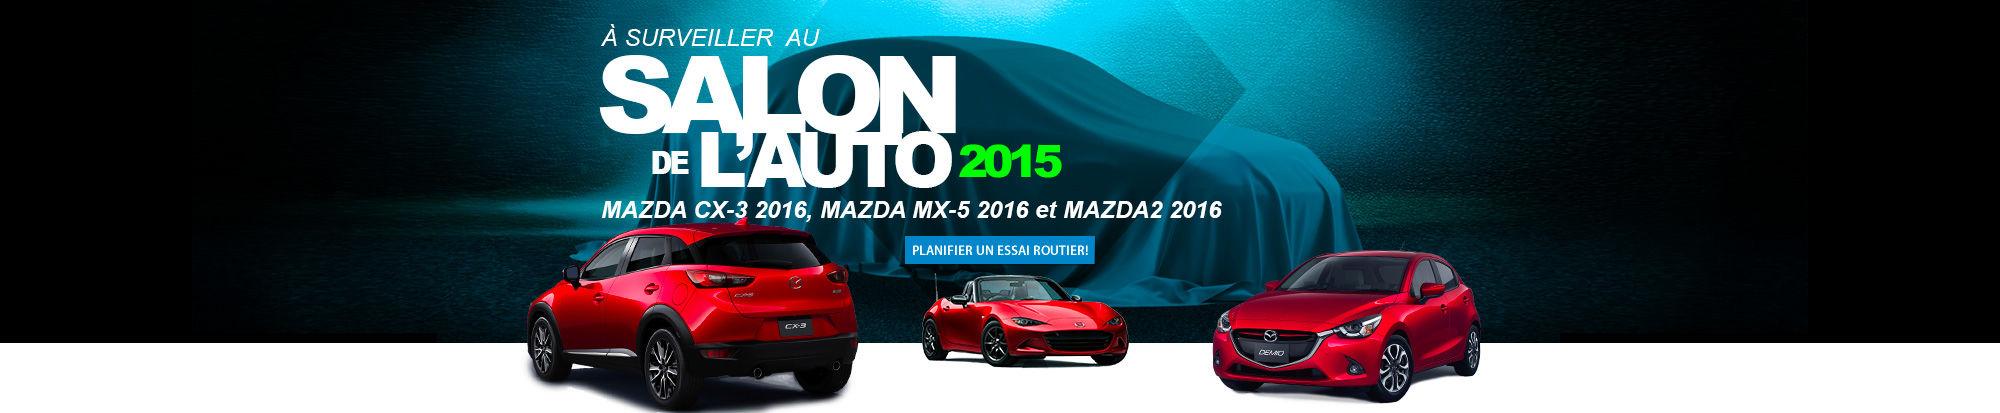 Mazda au Salon de l'auto 2015